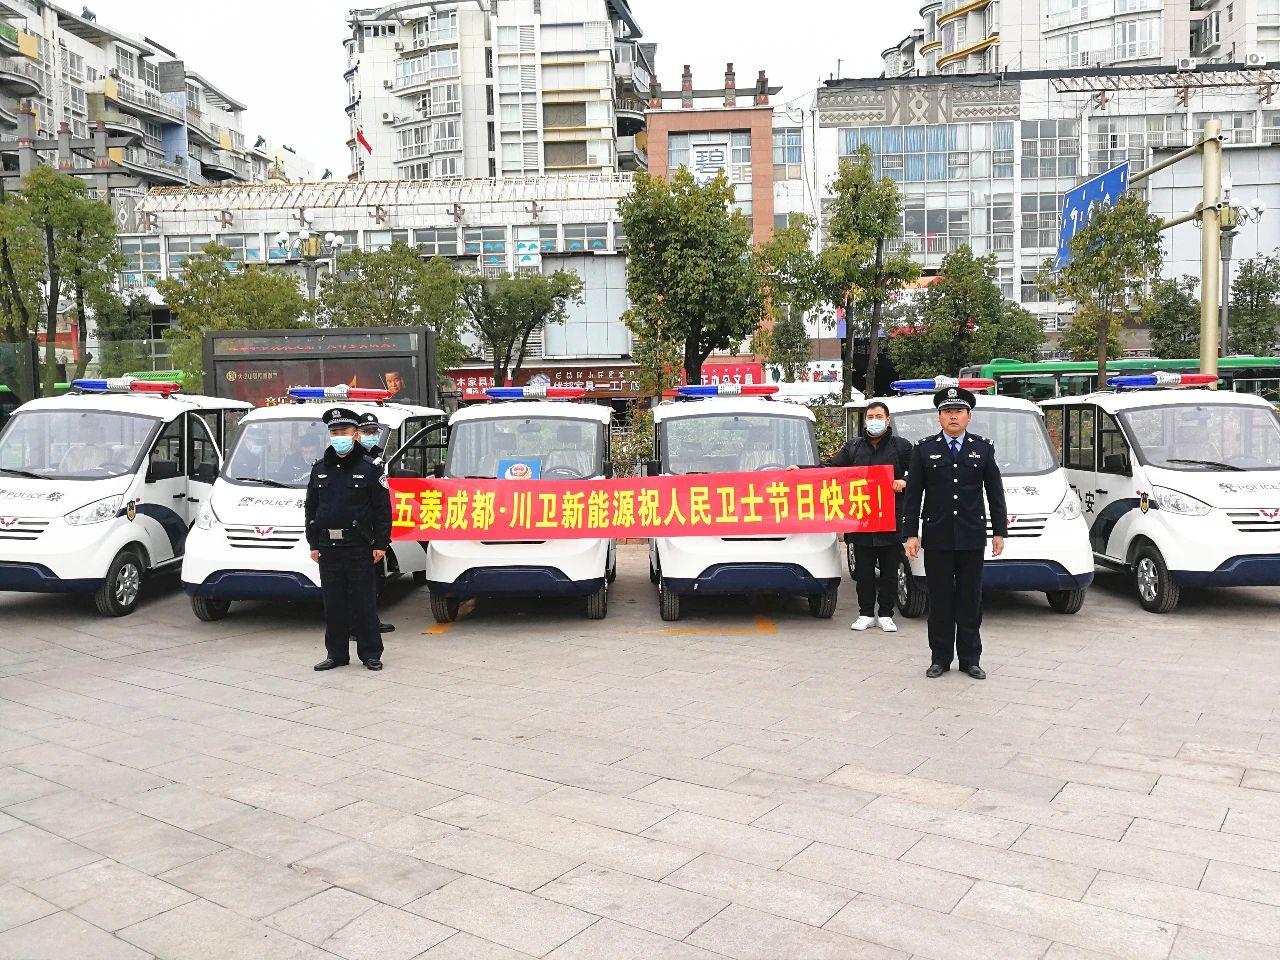 20台五菱巡逻车奔赴四川省西昌市